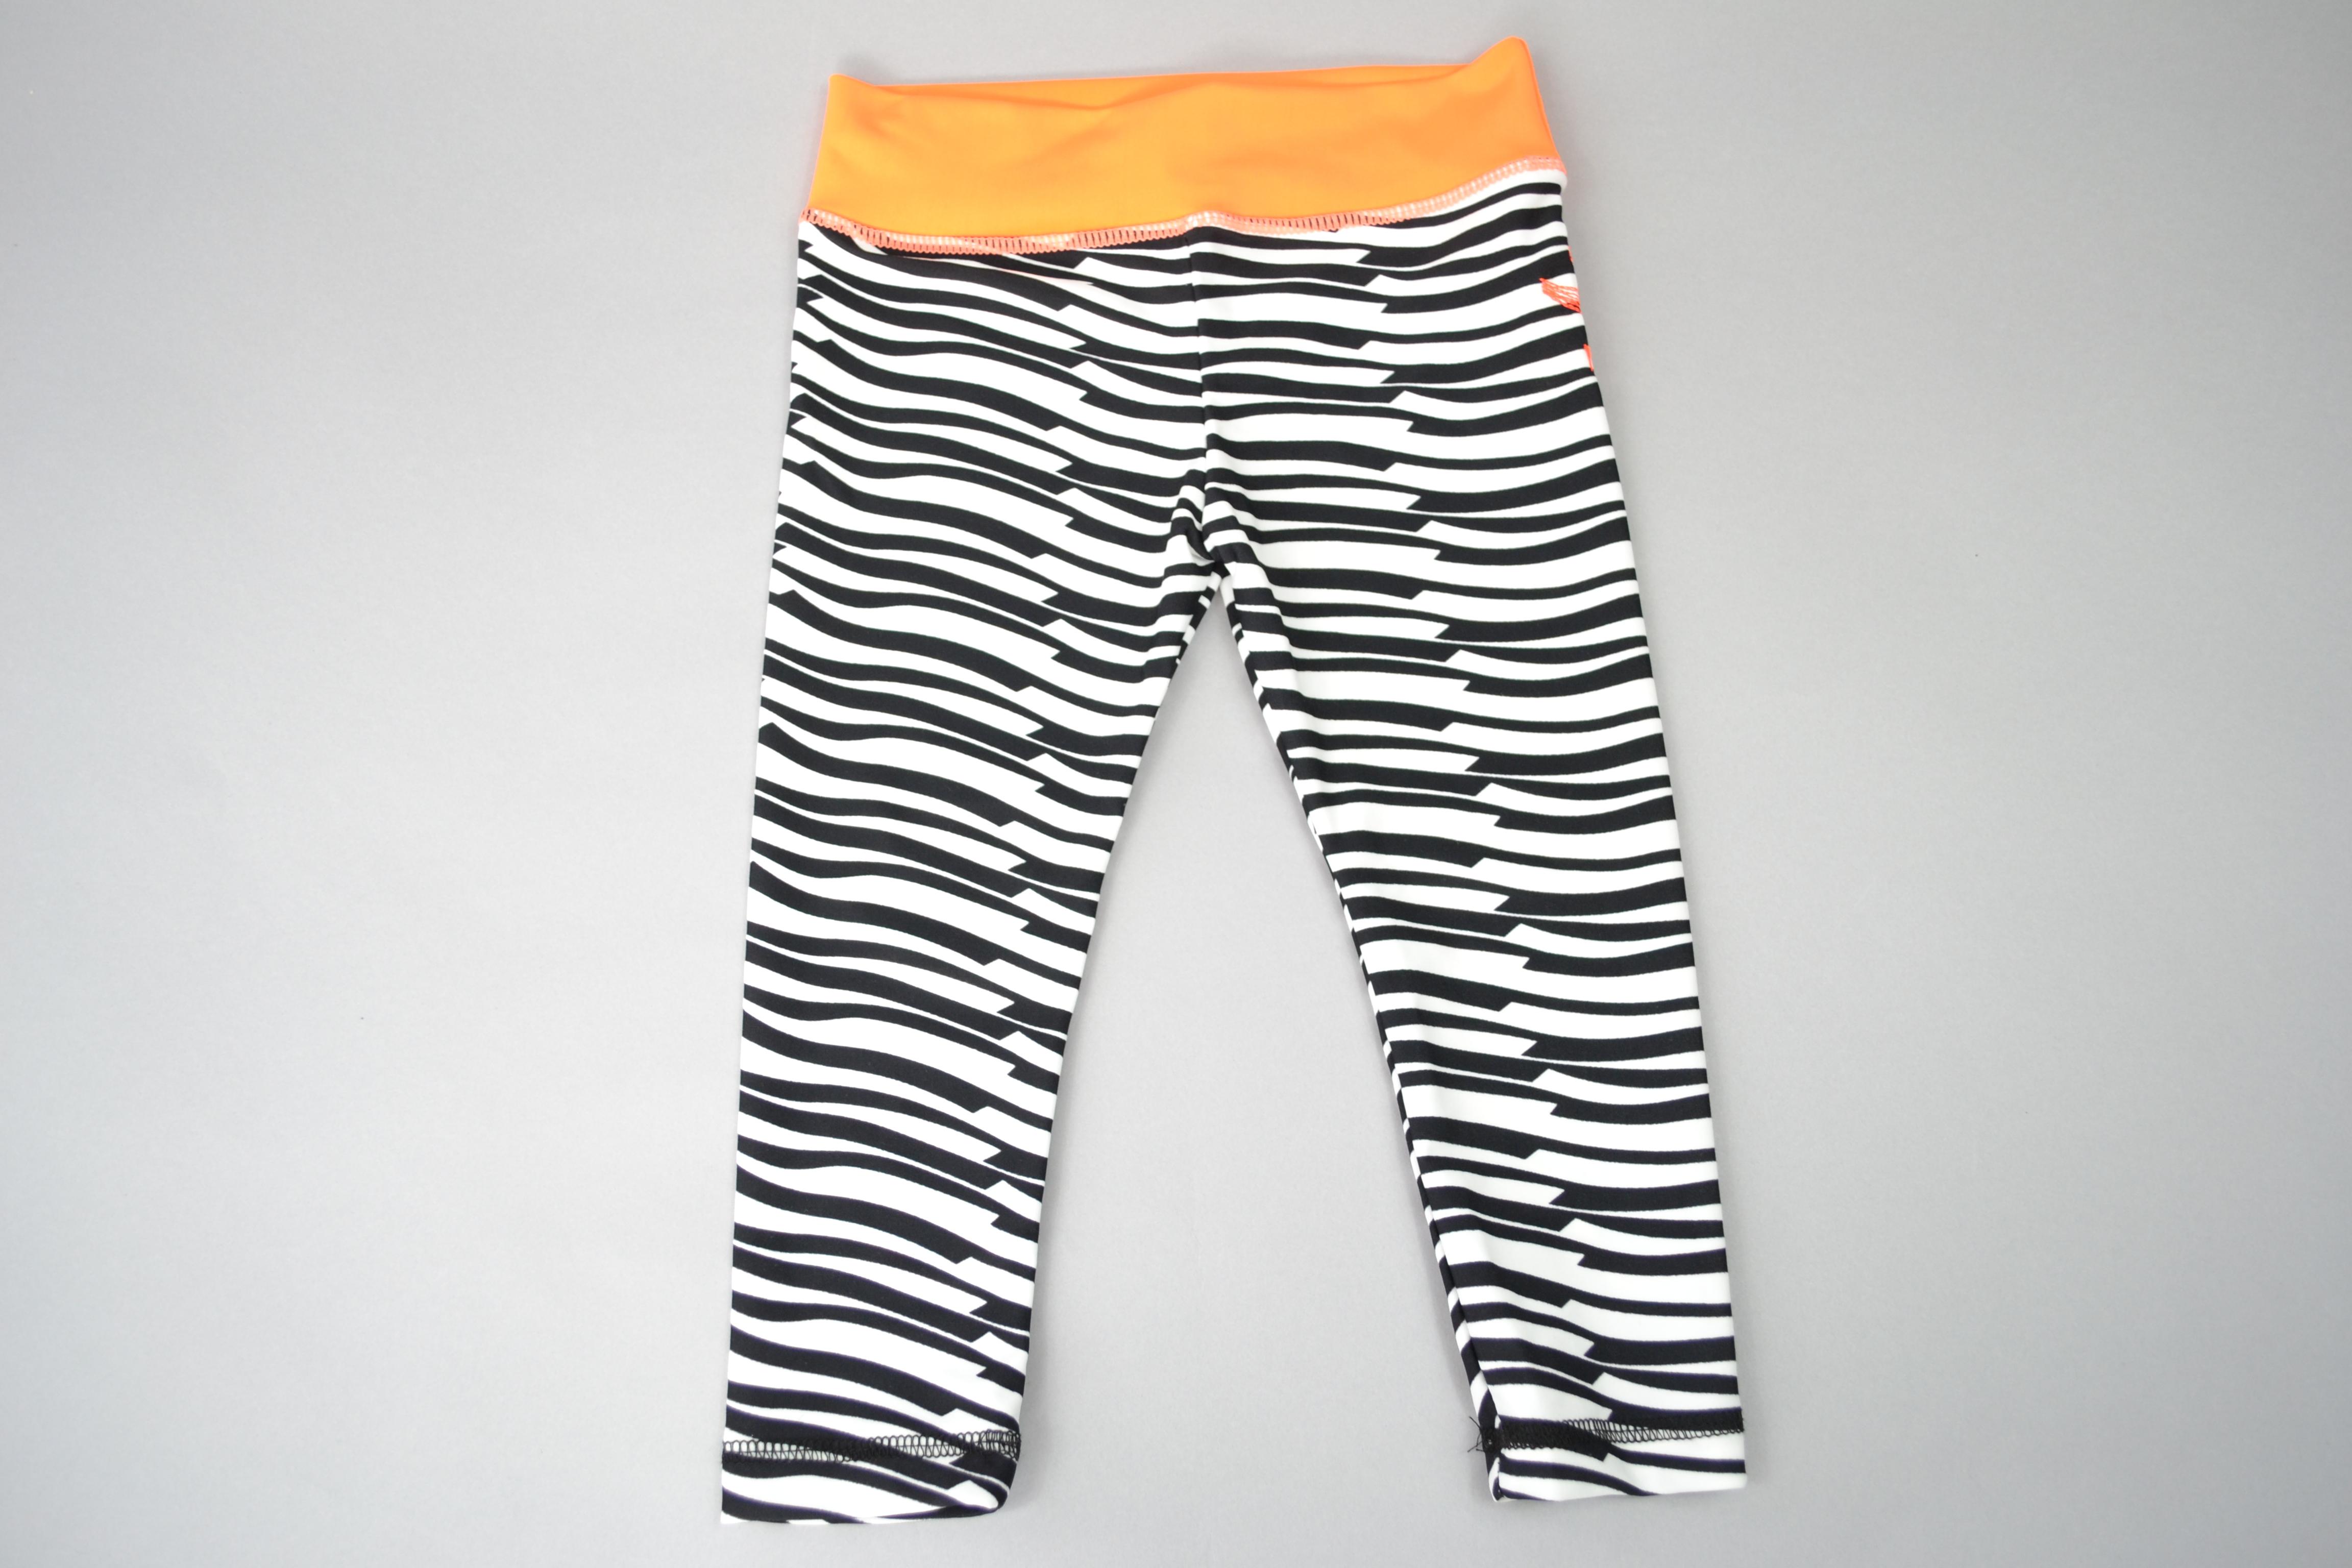 Kids Yoga Leggings - Zebra Pattern